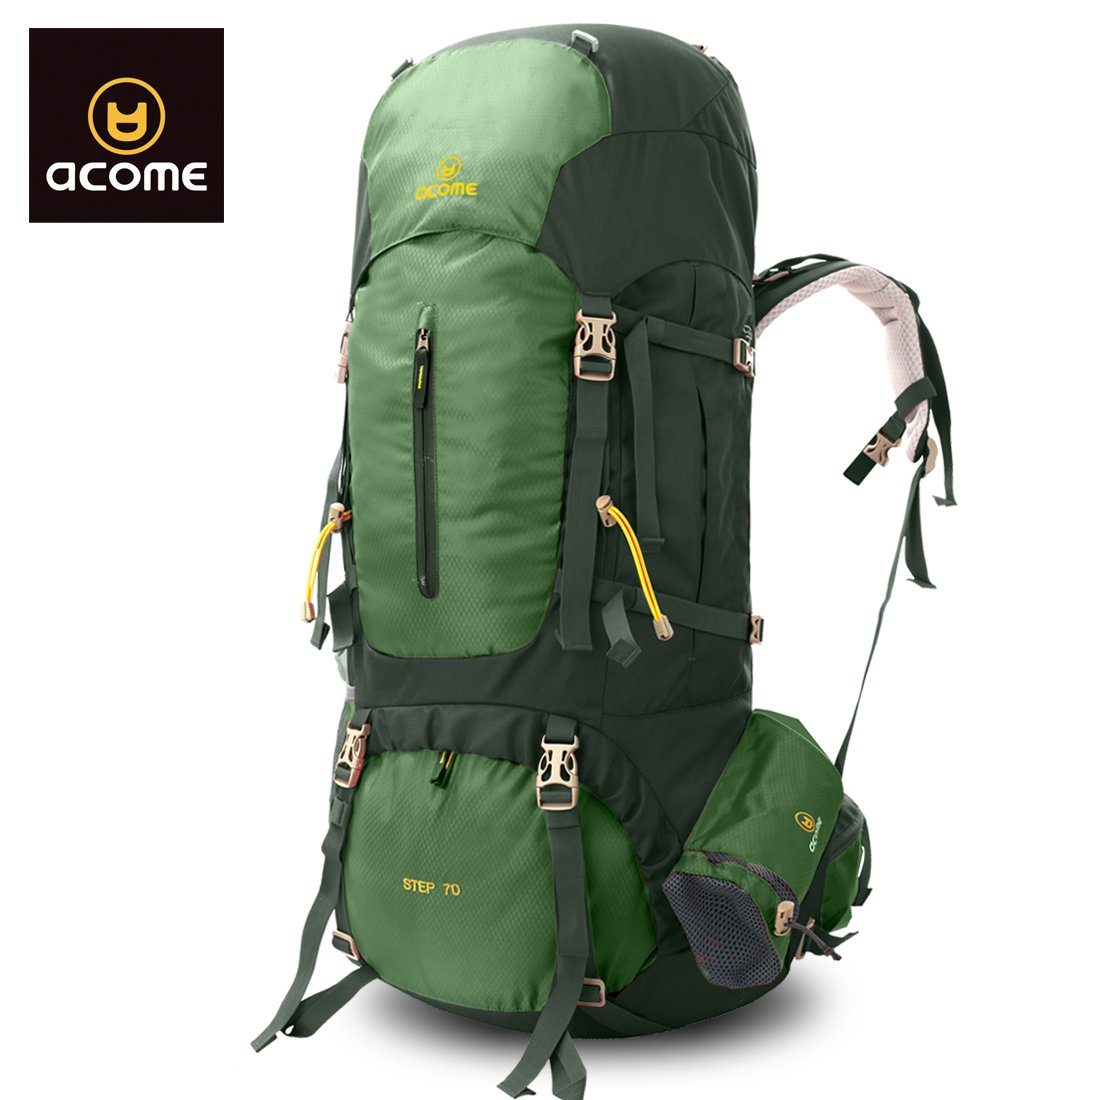 Großes! 70L! Professionelle Outdoor Bergwandern Gehen Schulter-Reisetasche Ist Dauerhaft Bequeme Sammlung